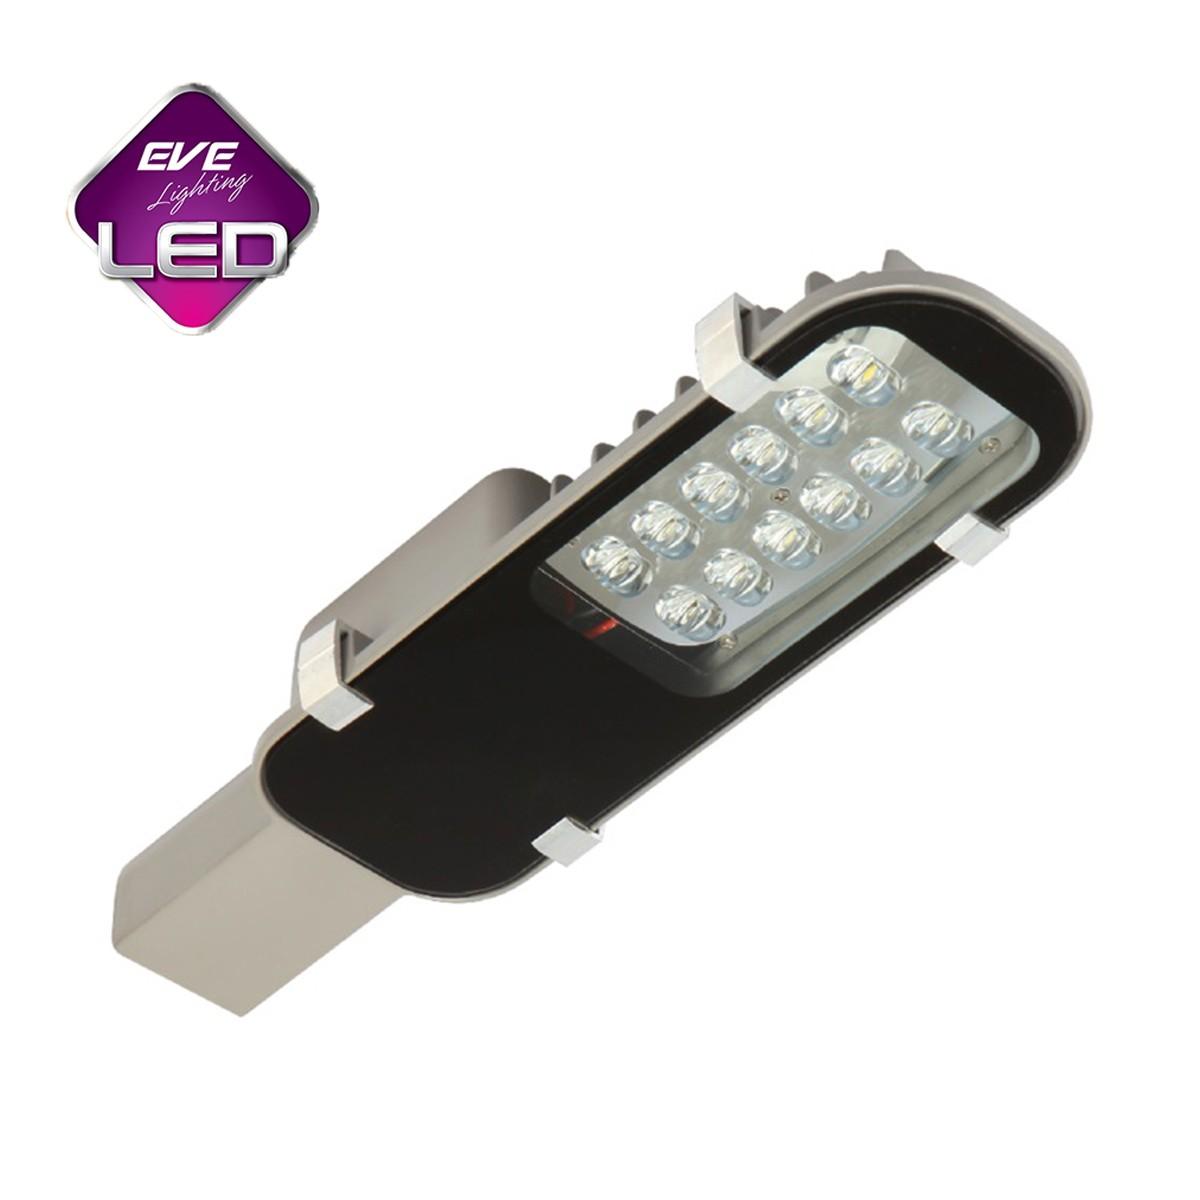 โคมไฟถนน LED Street Light 24w (เดย์ไลท์) EVE